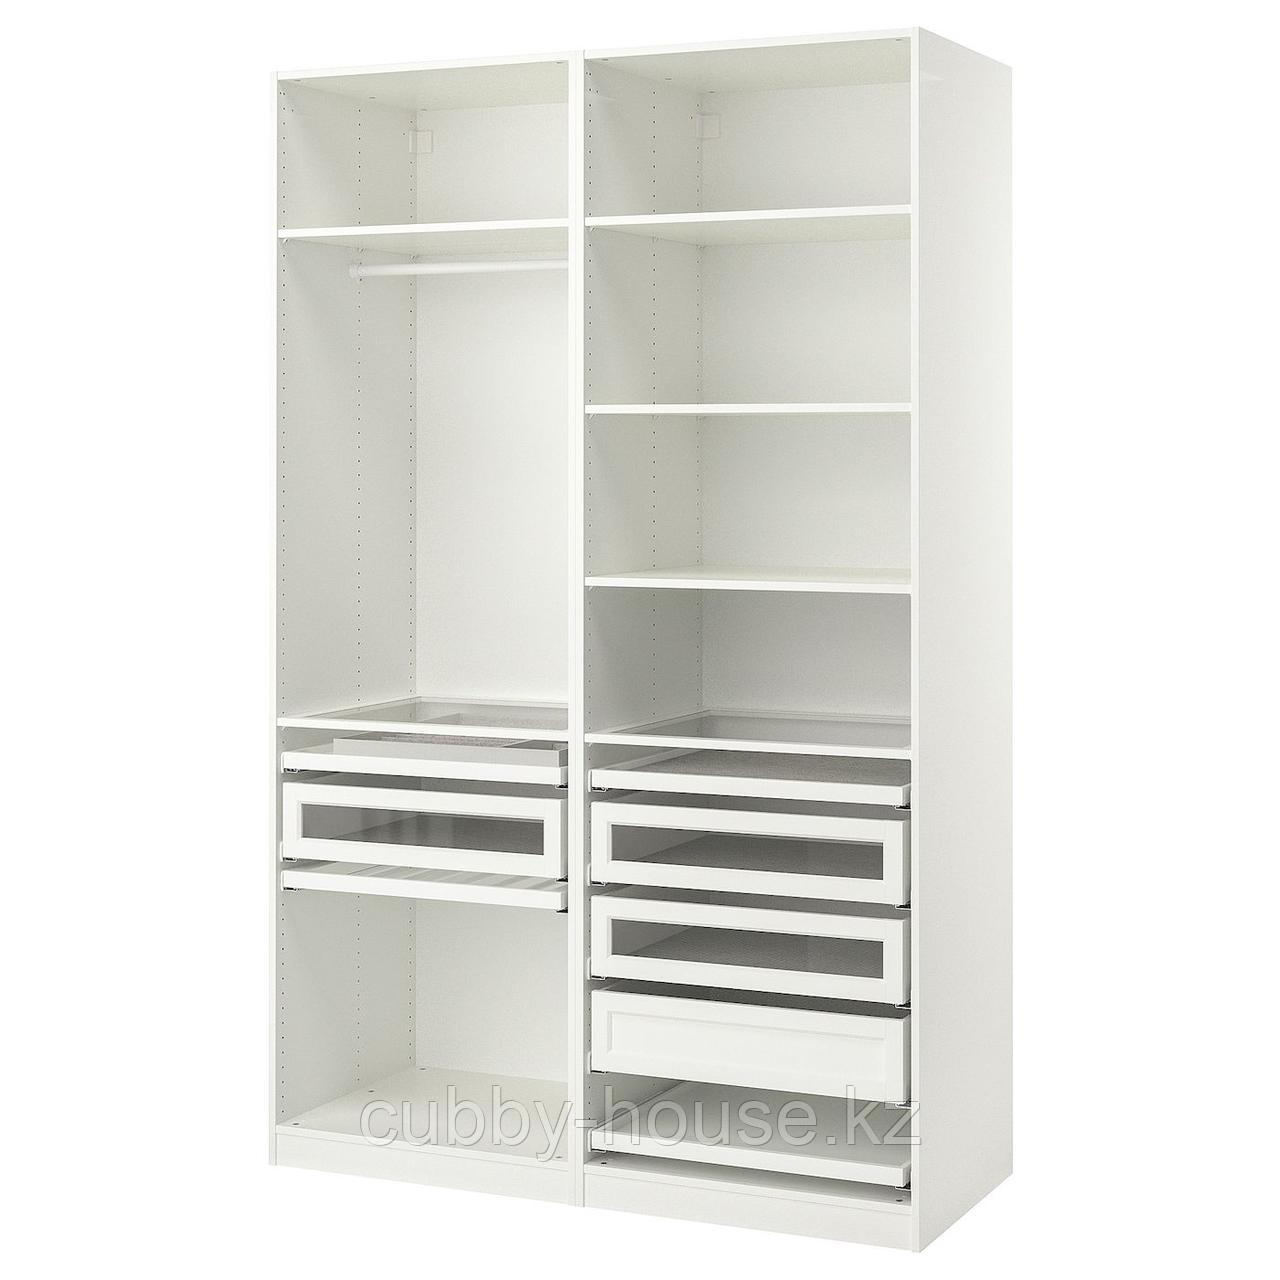 ПАКС Гардероб, комбинация, белый, 150x58x236 см